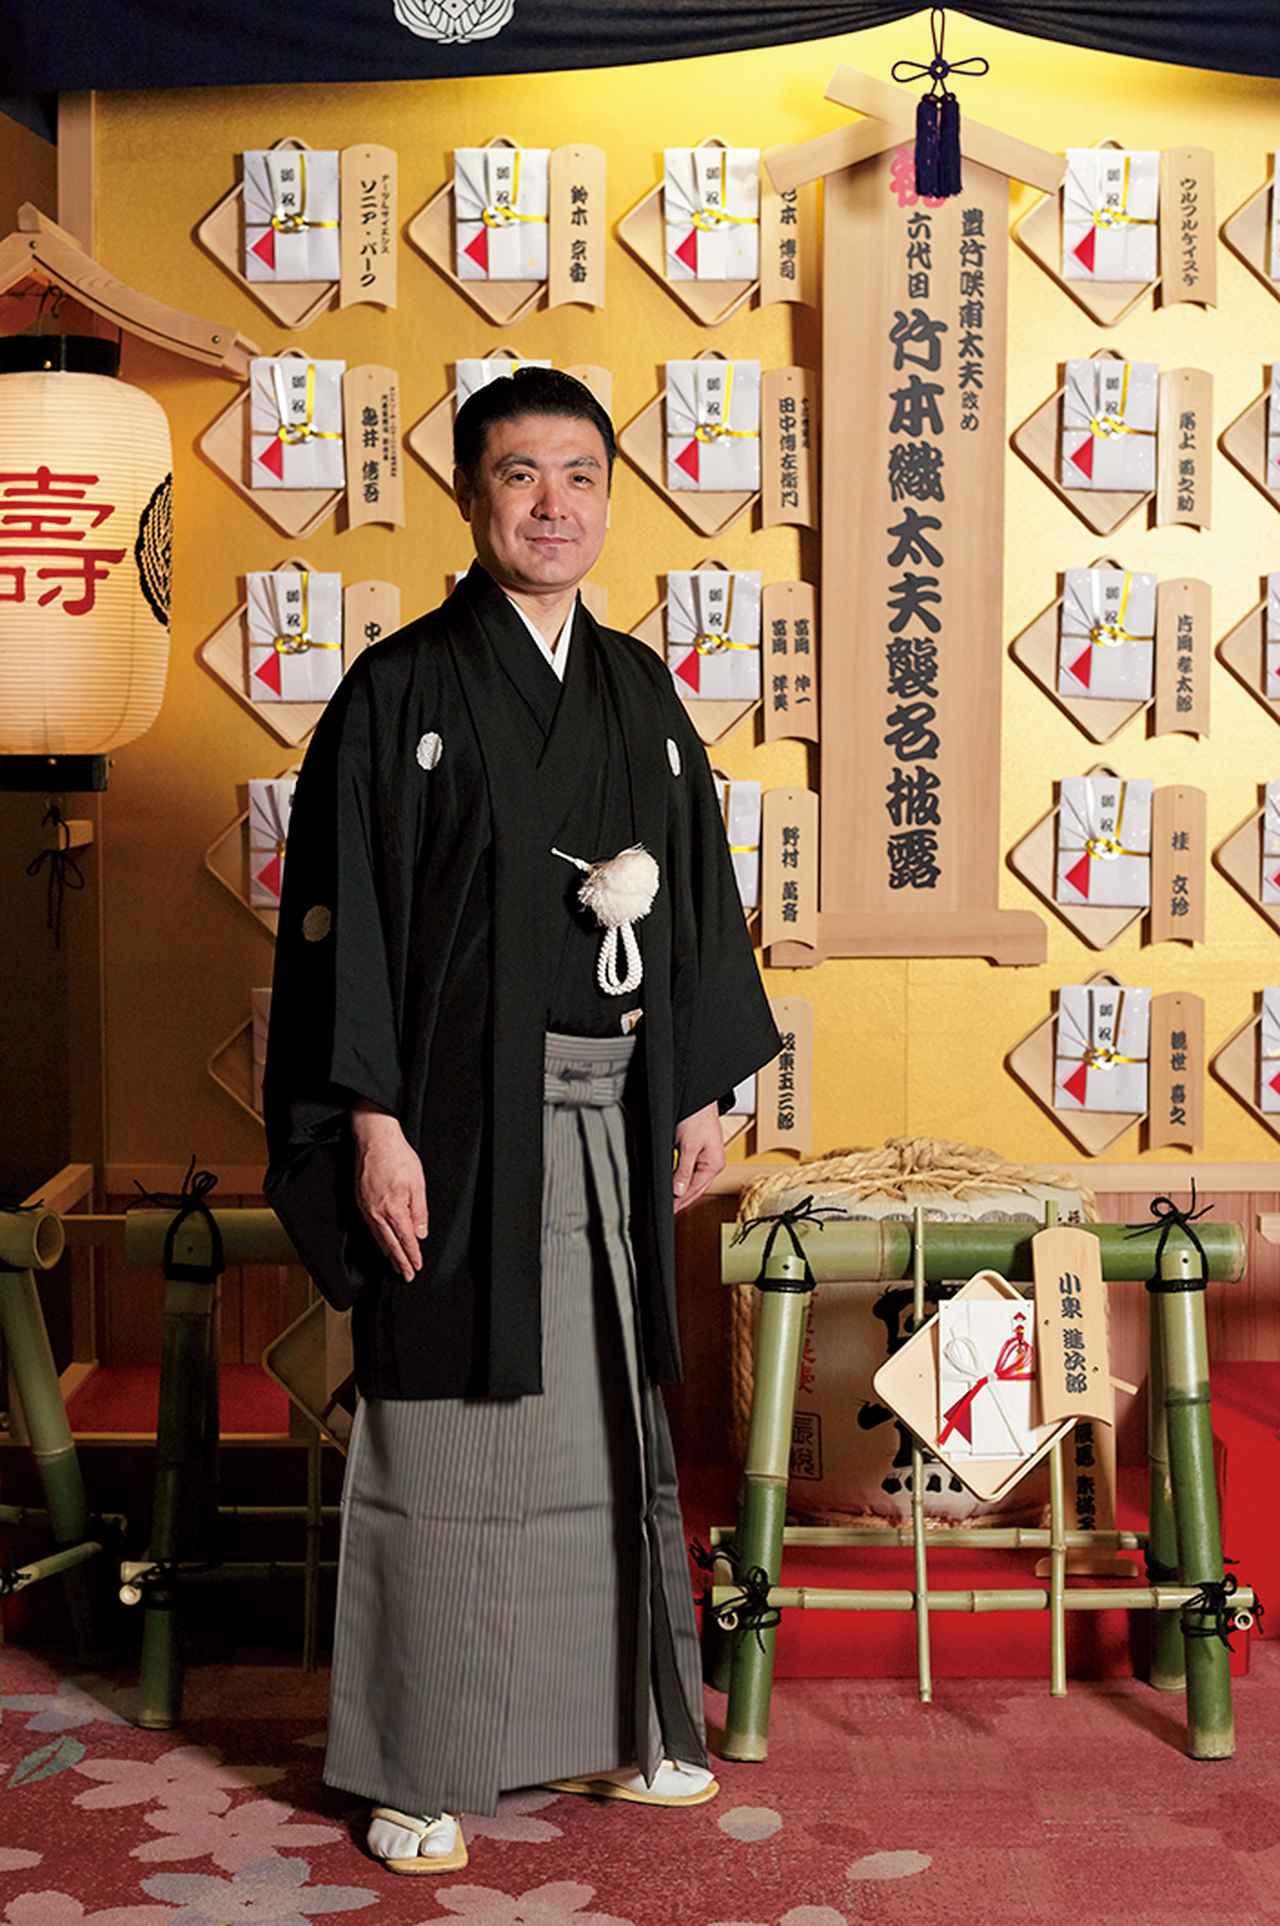 Images : 4番目の画像 - 「竹本織太夫×ロバート キャンベル対談 個性を滅した先に花開くもの」のアルバム - T JAPAN:The New York Times Style Magazine 公式サイト